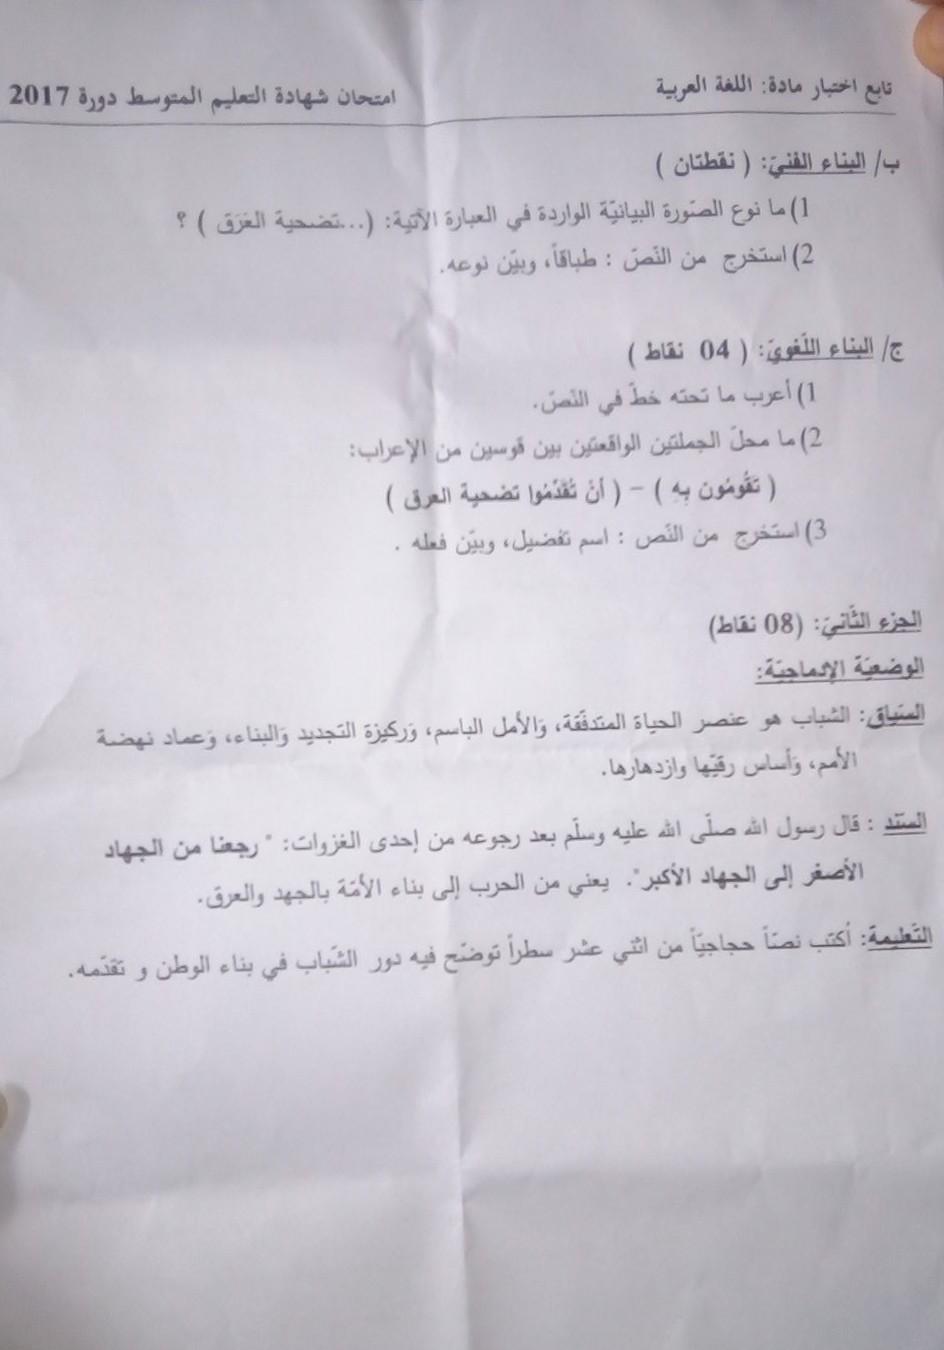 موضوع شهادة التعليم المتوسط 2017 في اللغة العربية - BEM 2017 Bem20111